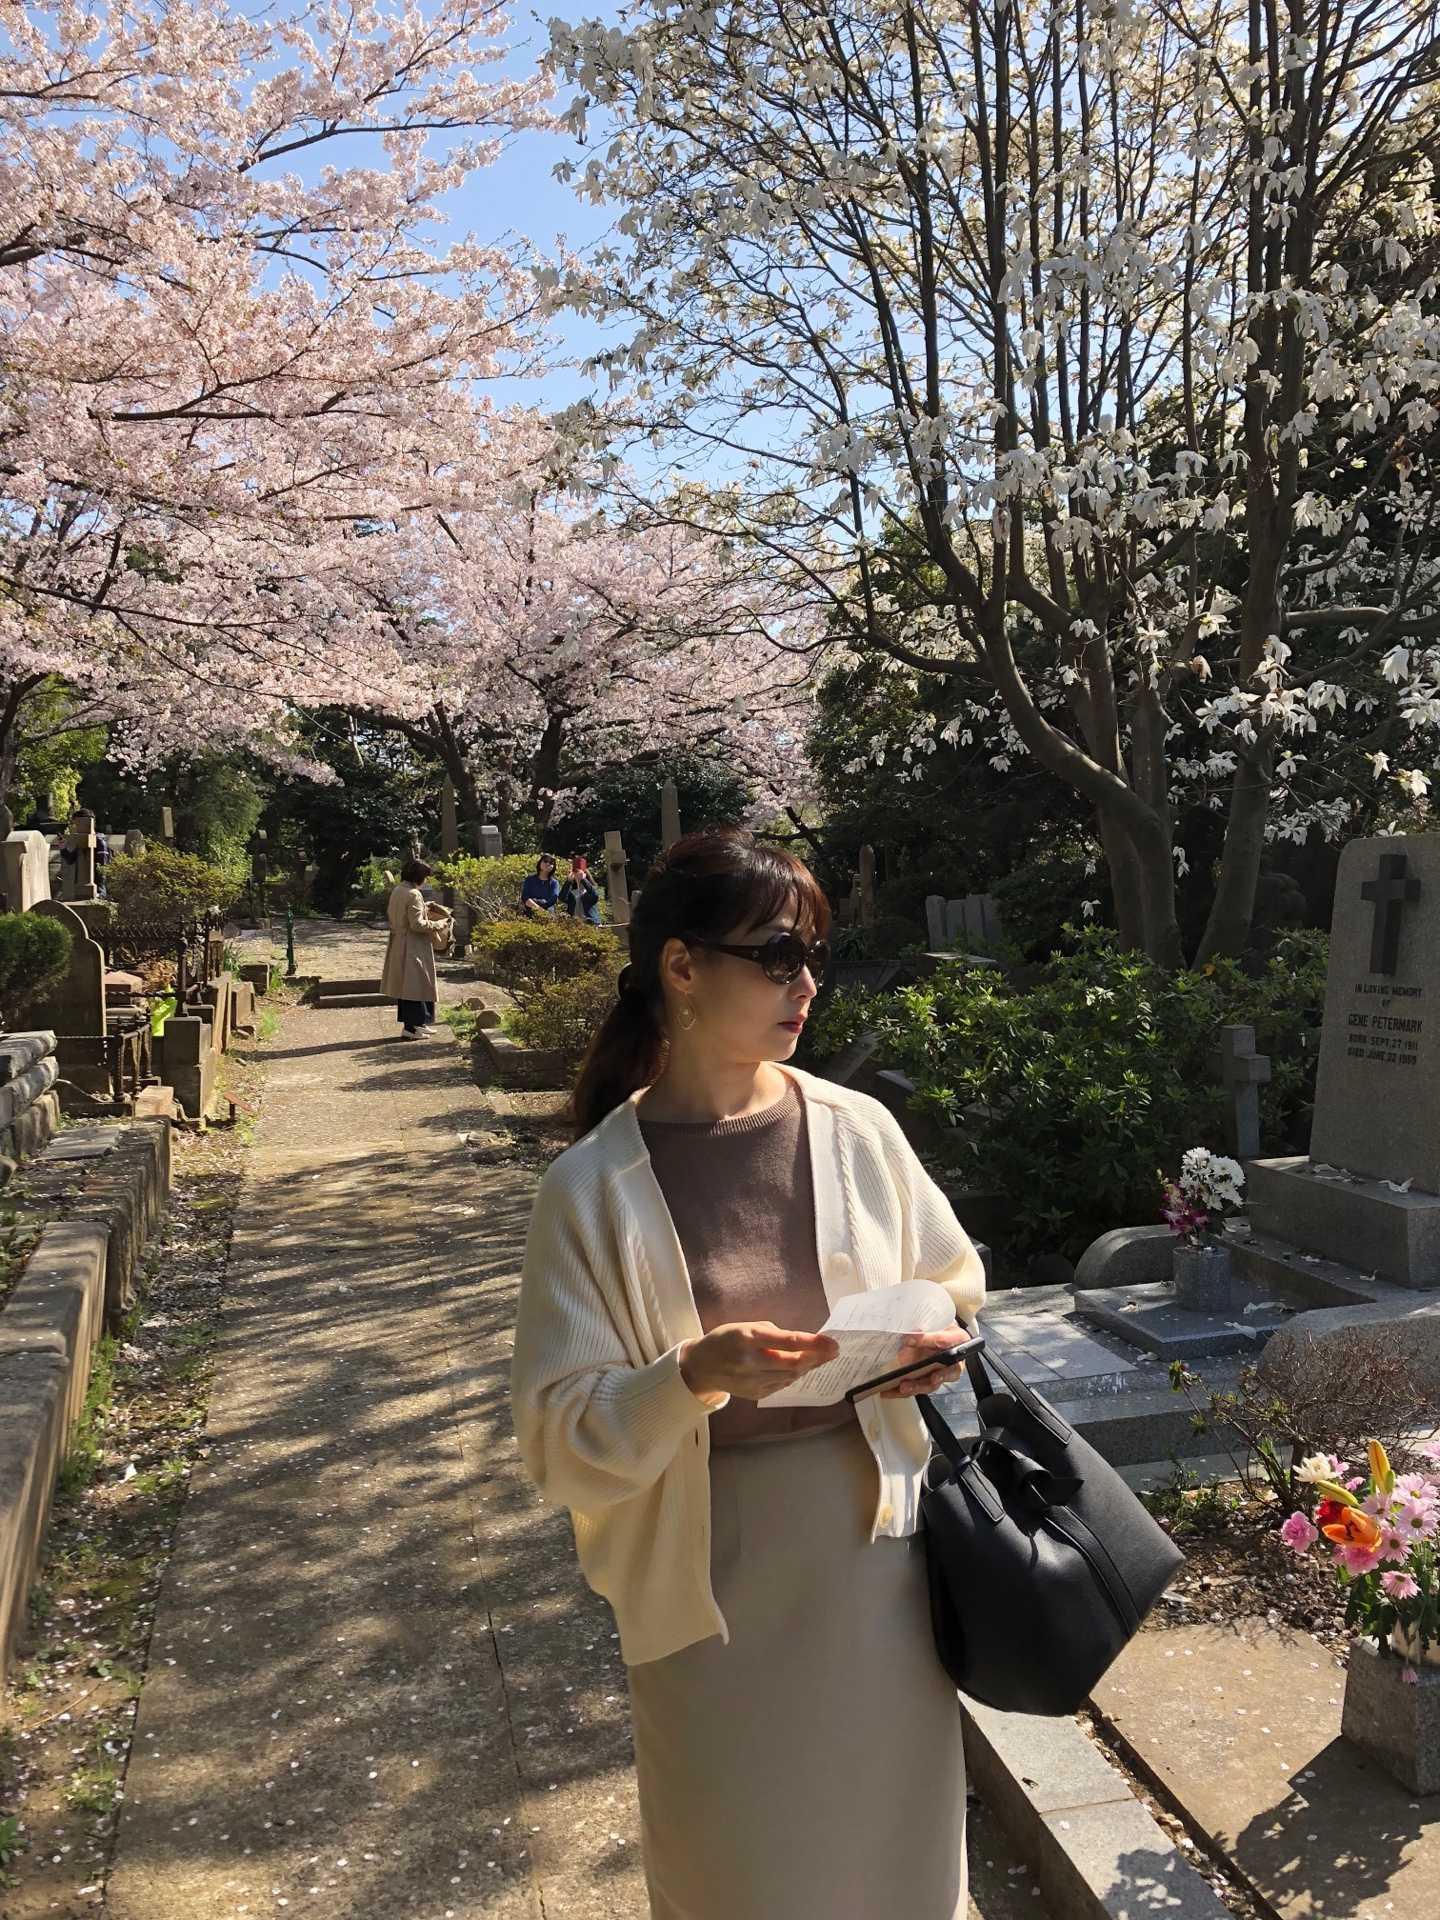 お花見アラフォーコーデ鉄板⁉︎ブラウン〜ベージュ_1_1